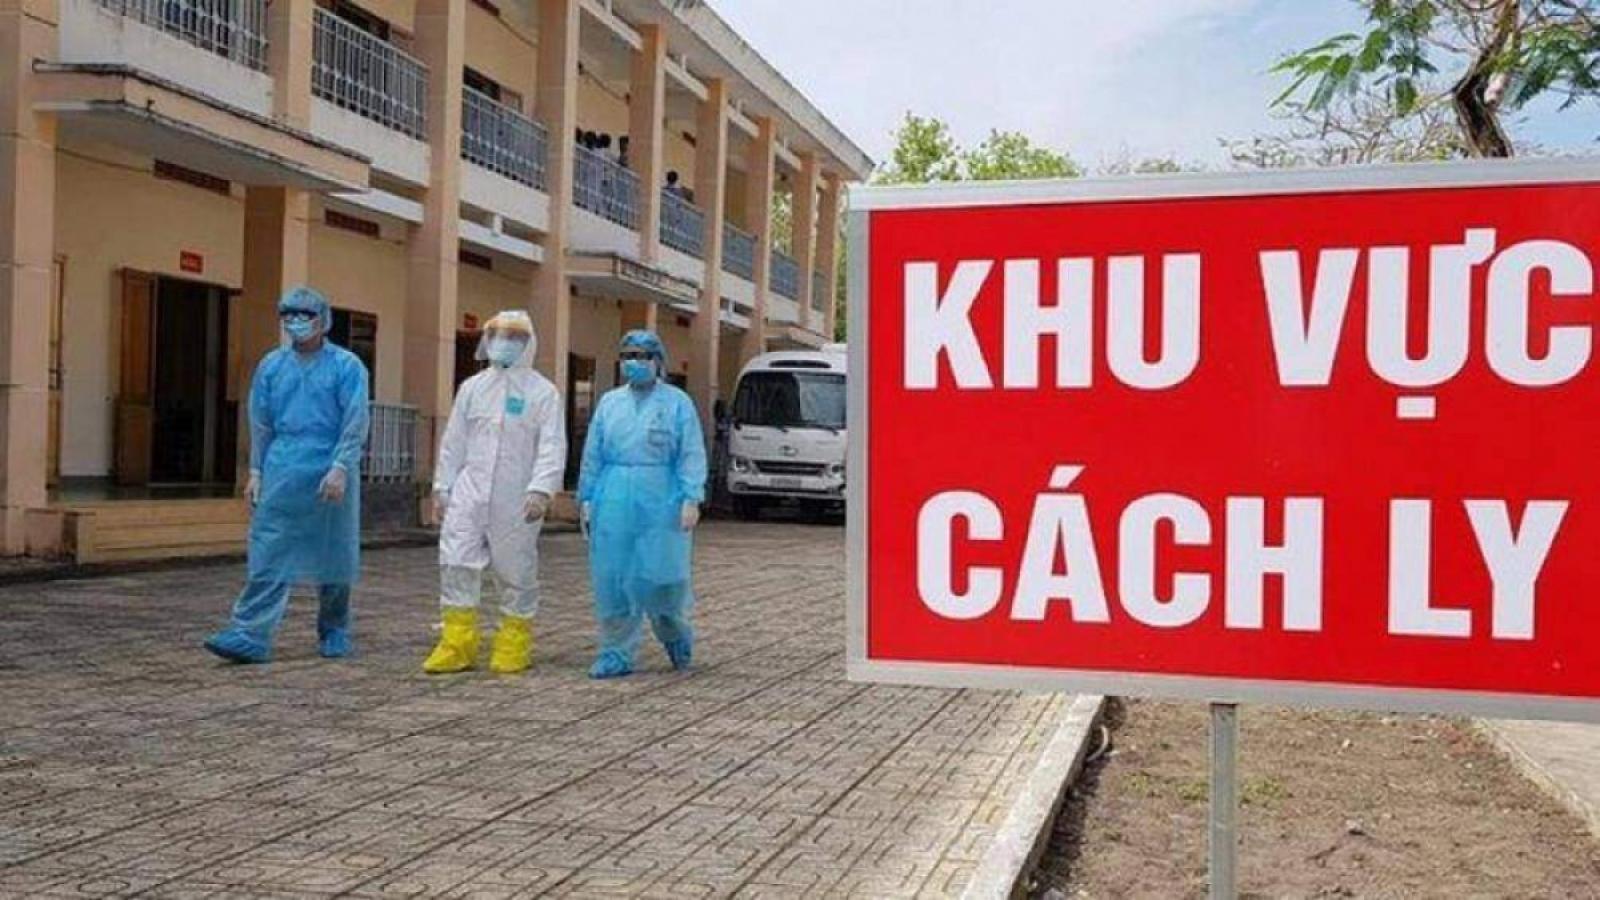 Có 2 ca mắc COVID-19, Bắc Ninh cho học sinh nghỉ học từ ngày 5/5